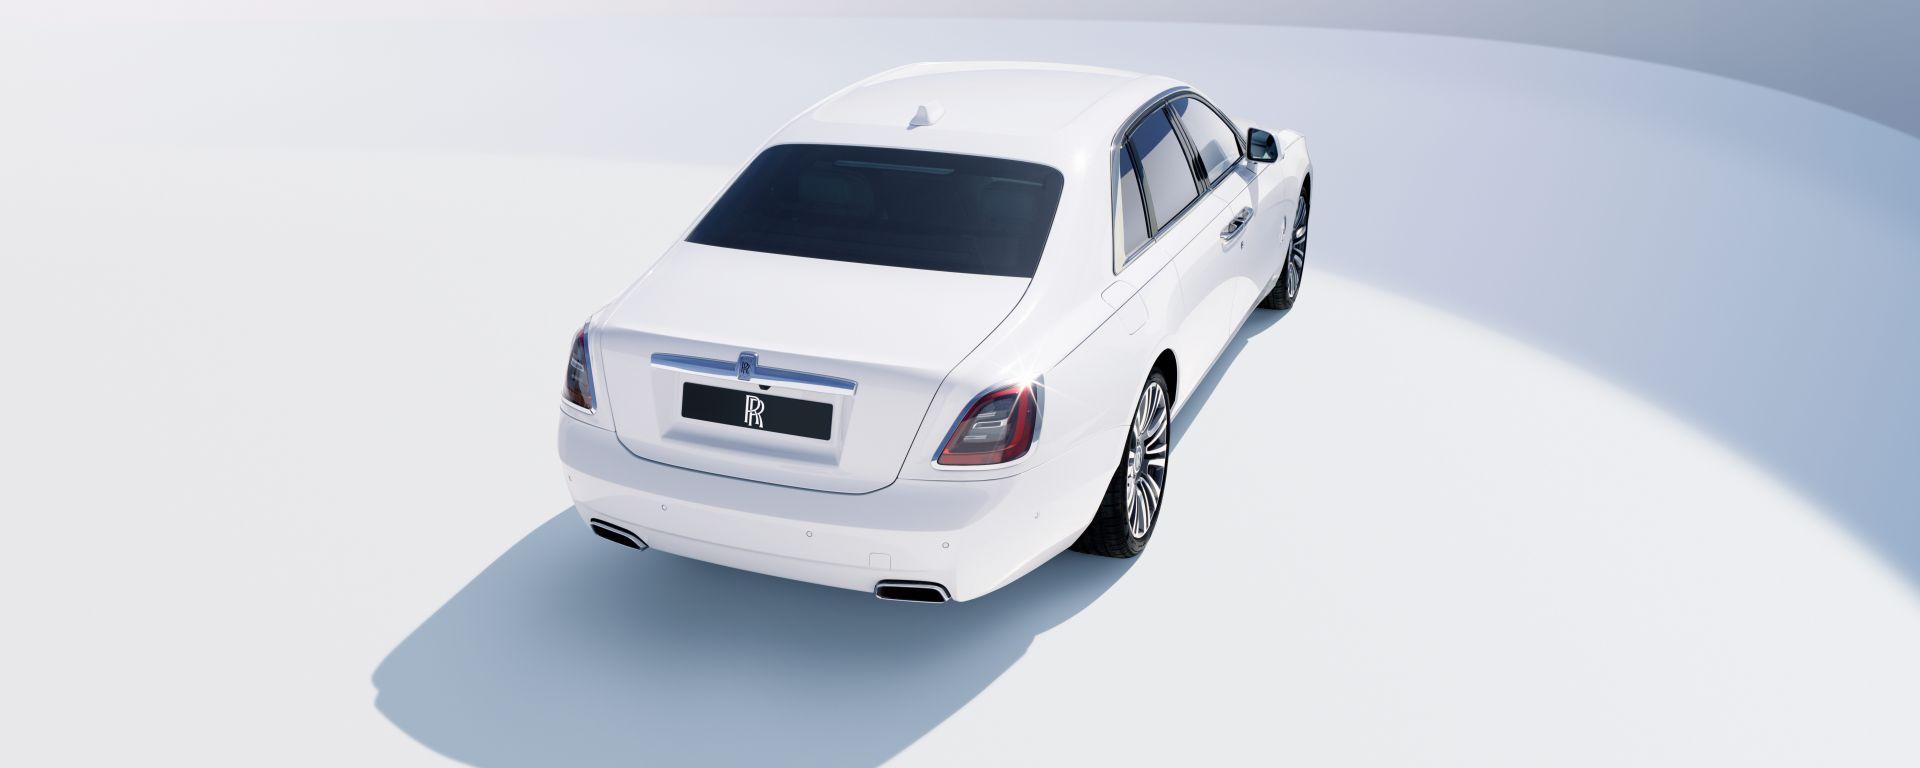 Rolls-Royce Ghost: completamente rinnovata, cresce in dimensioni